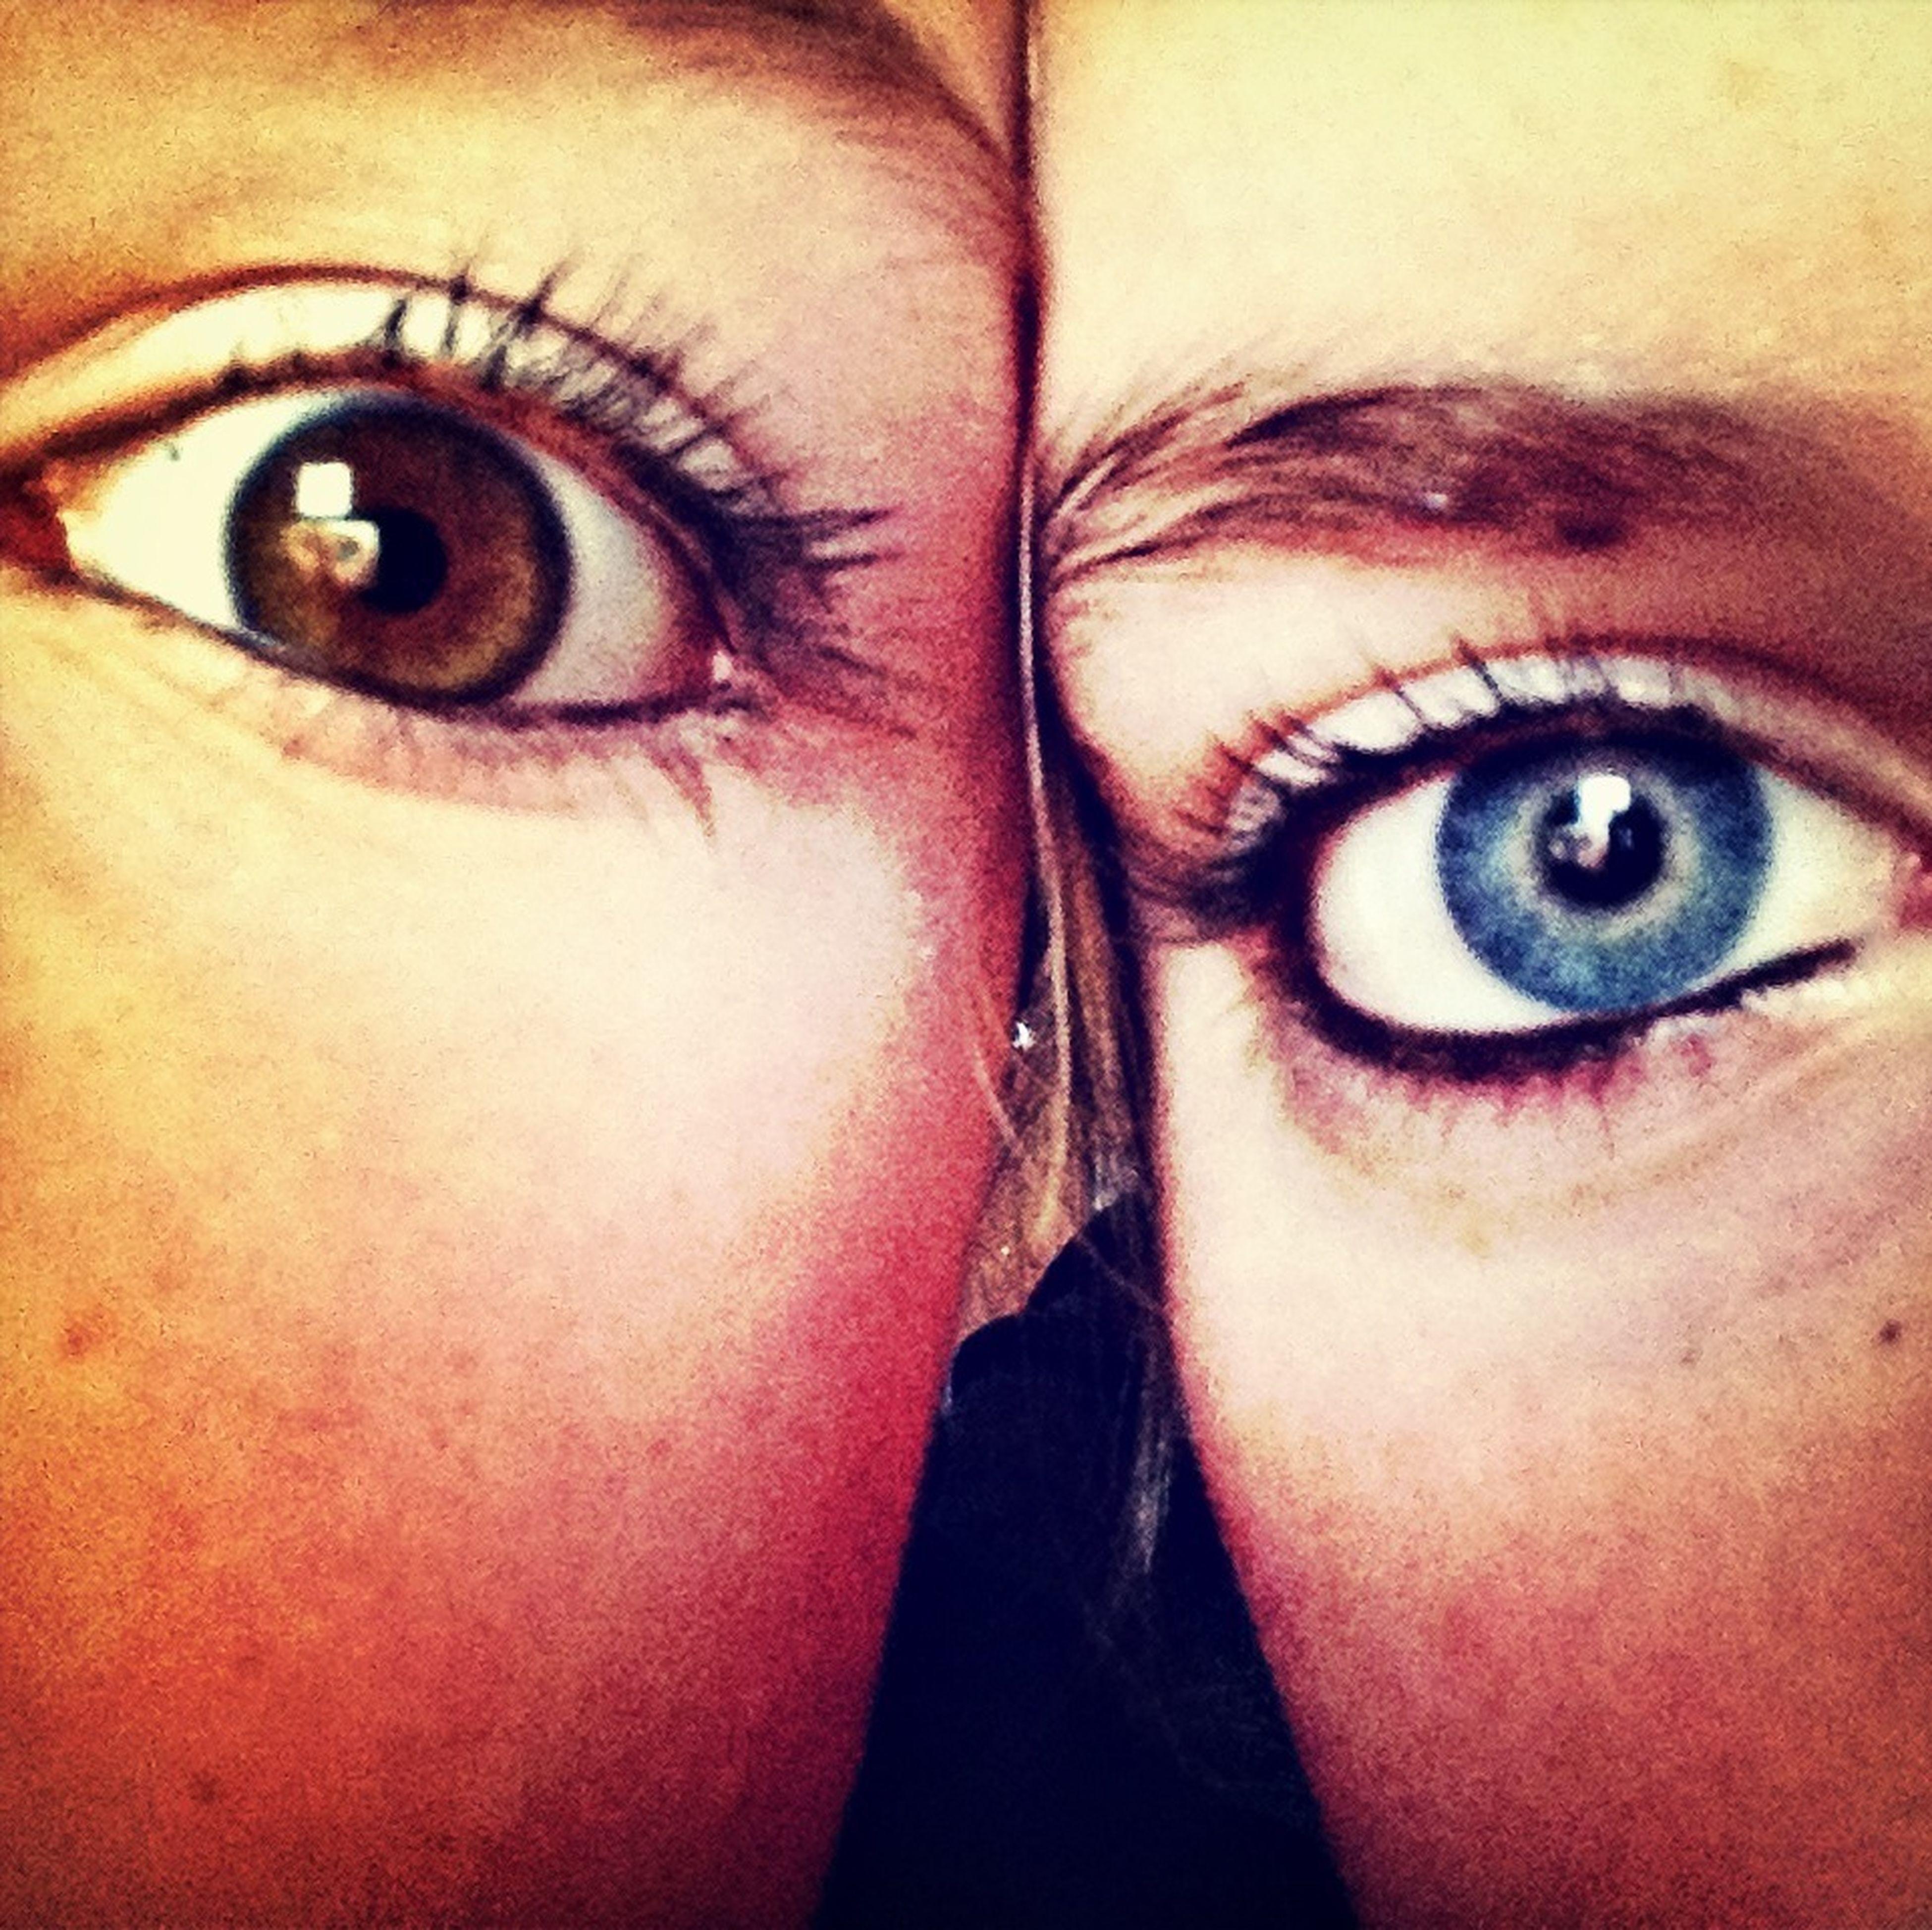 close-up, human eye, looking at camera, portrait, part of, eyelash, human face, eyesight, extreme close up, indoors, lifestyles, human skin, extreme close-up, sensory perception, headshot, full frame, iris - eye